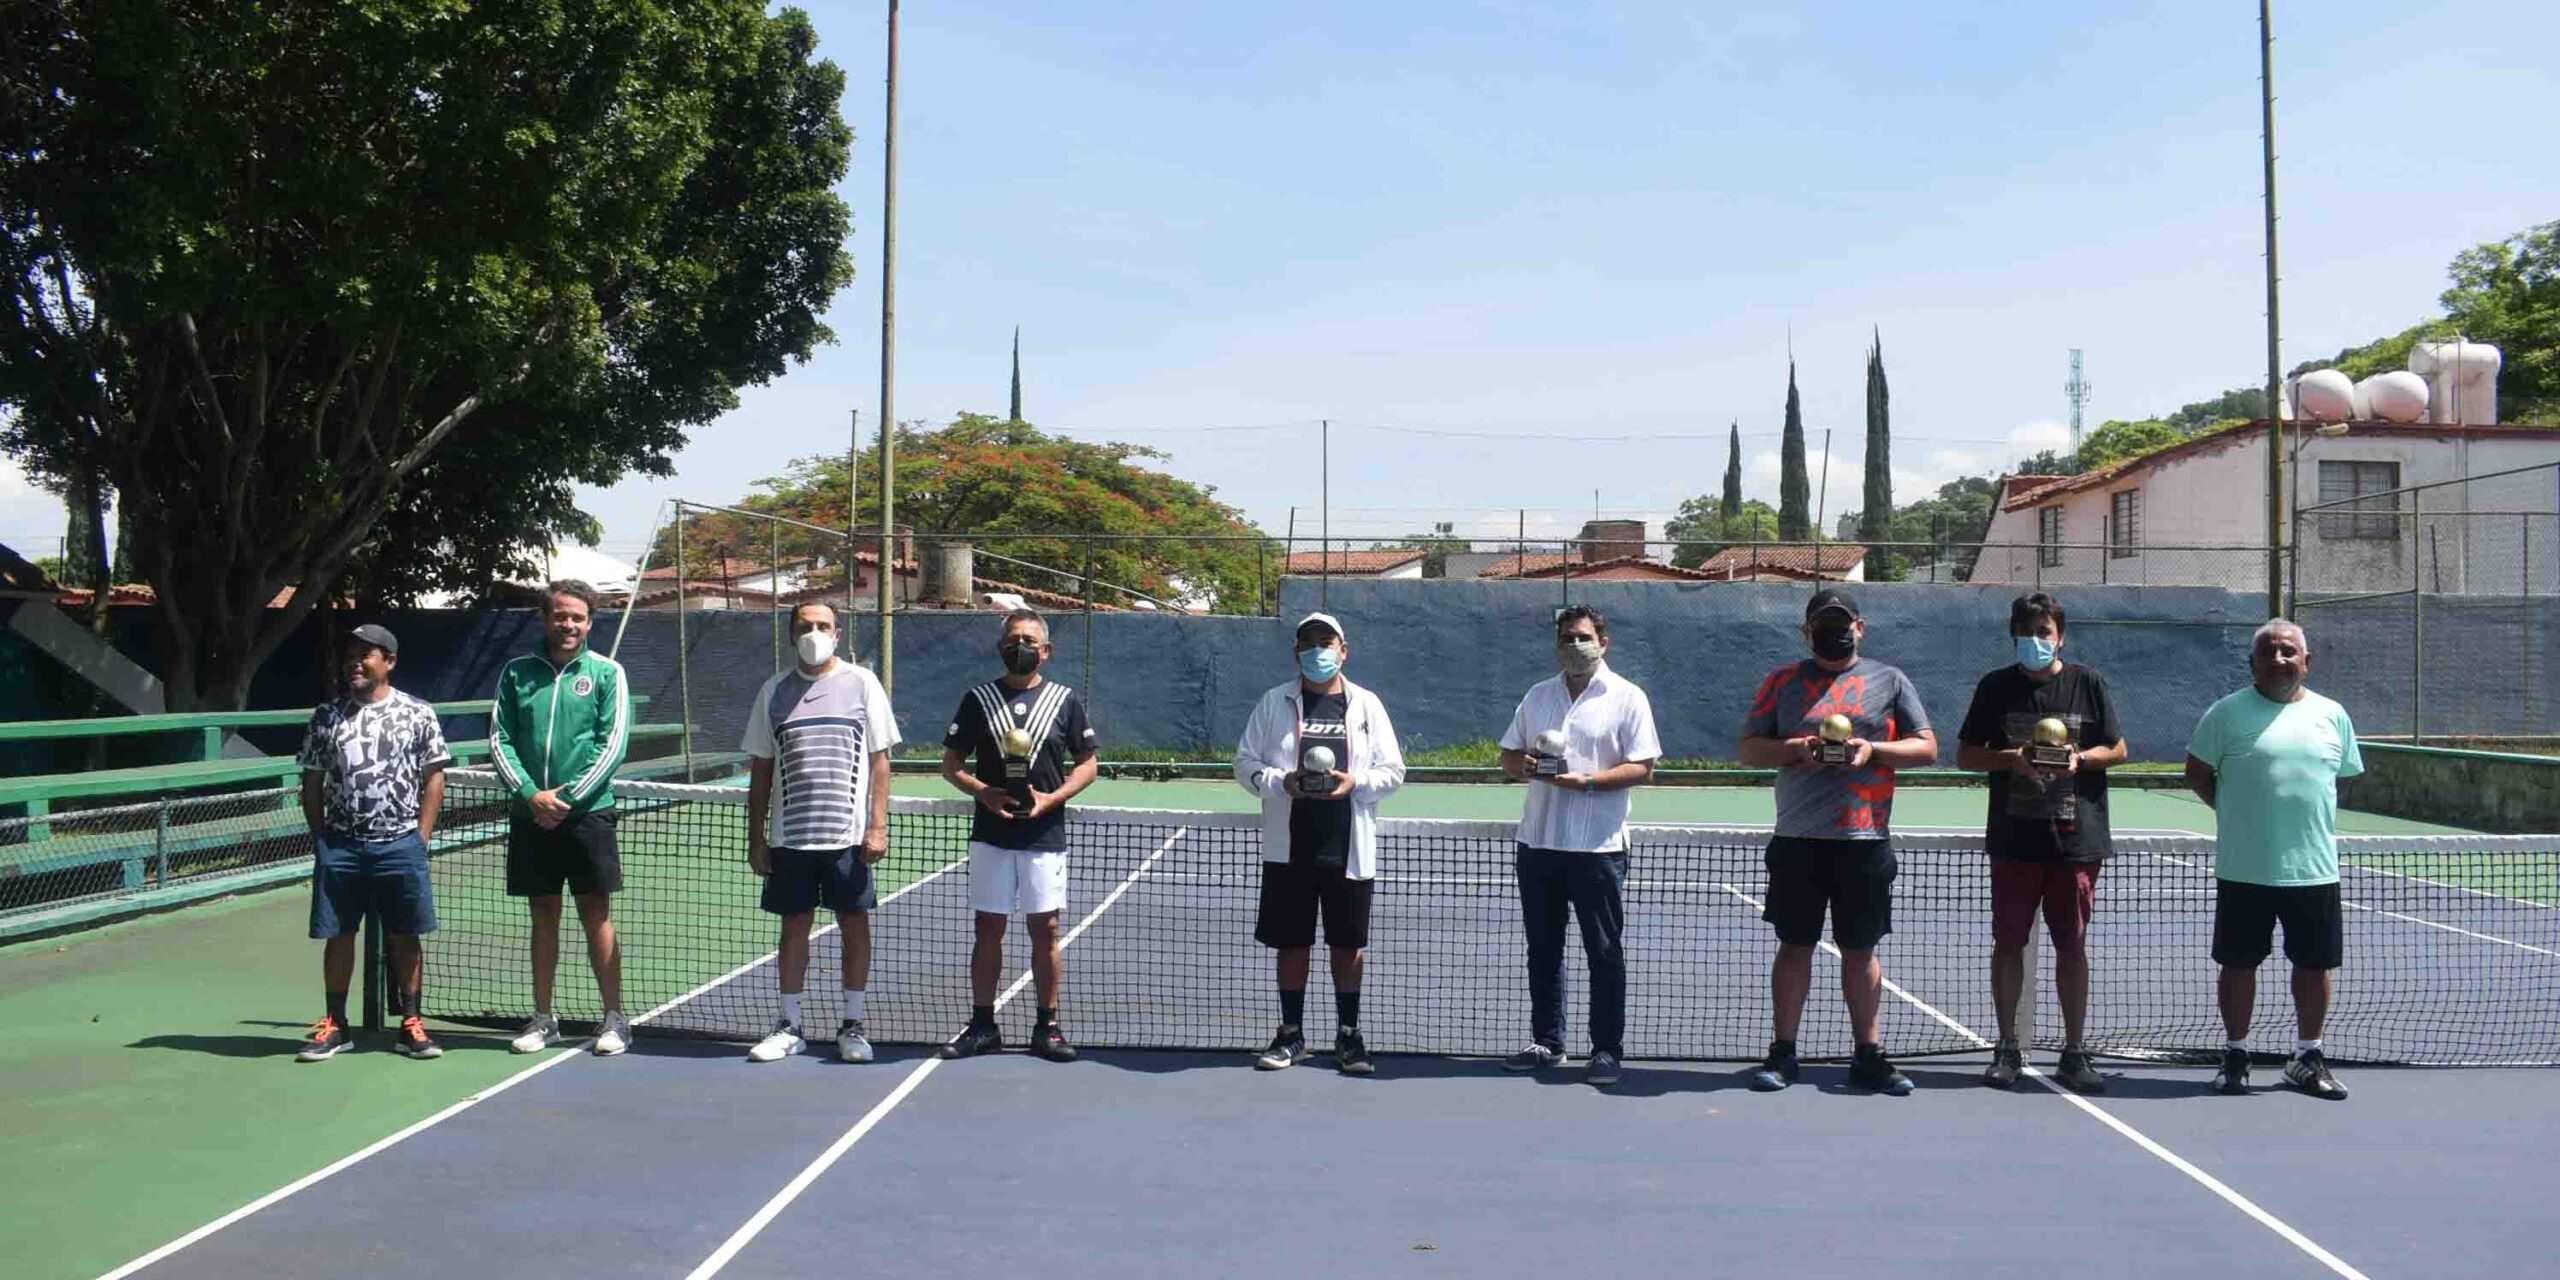 Los veteranos ponen el ejemplo   El Imparcial de Oaxaca